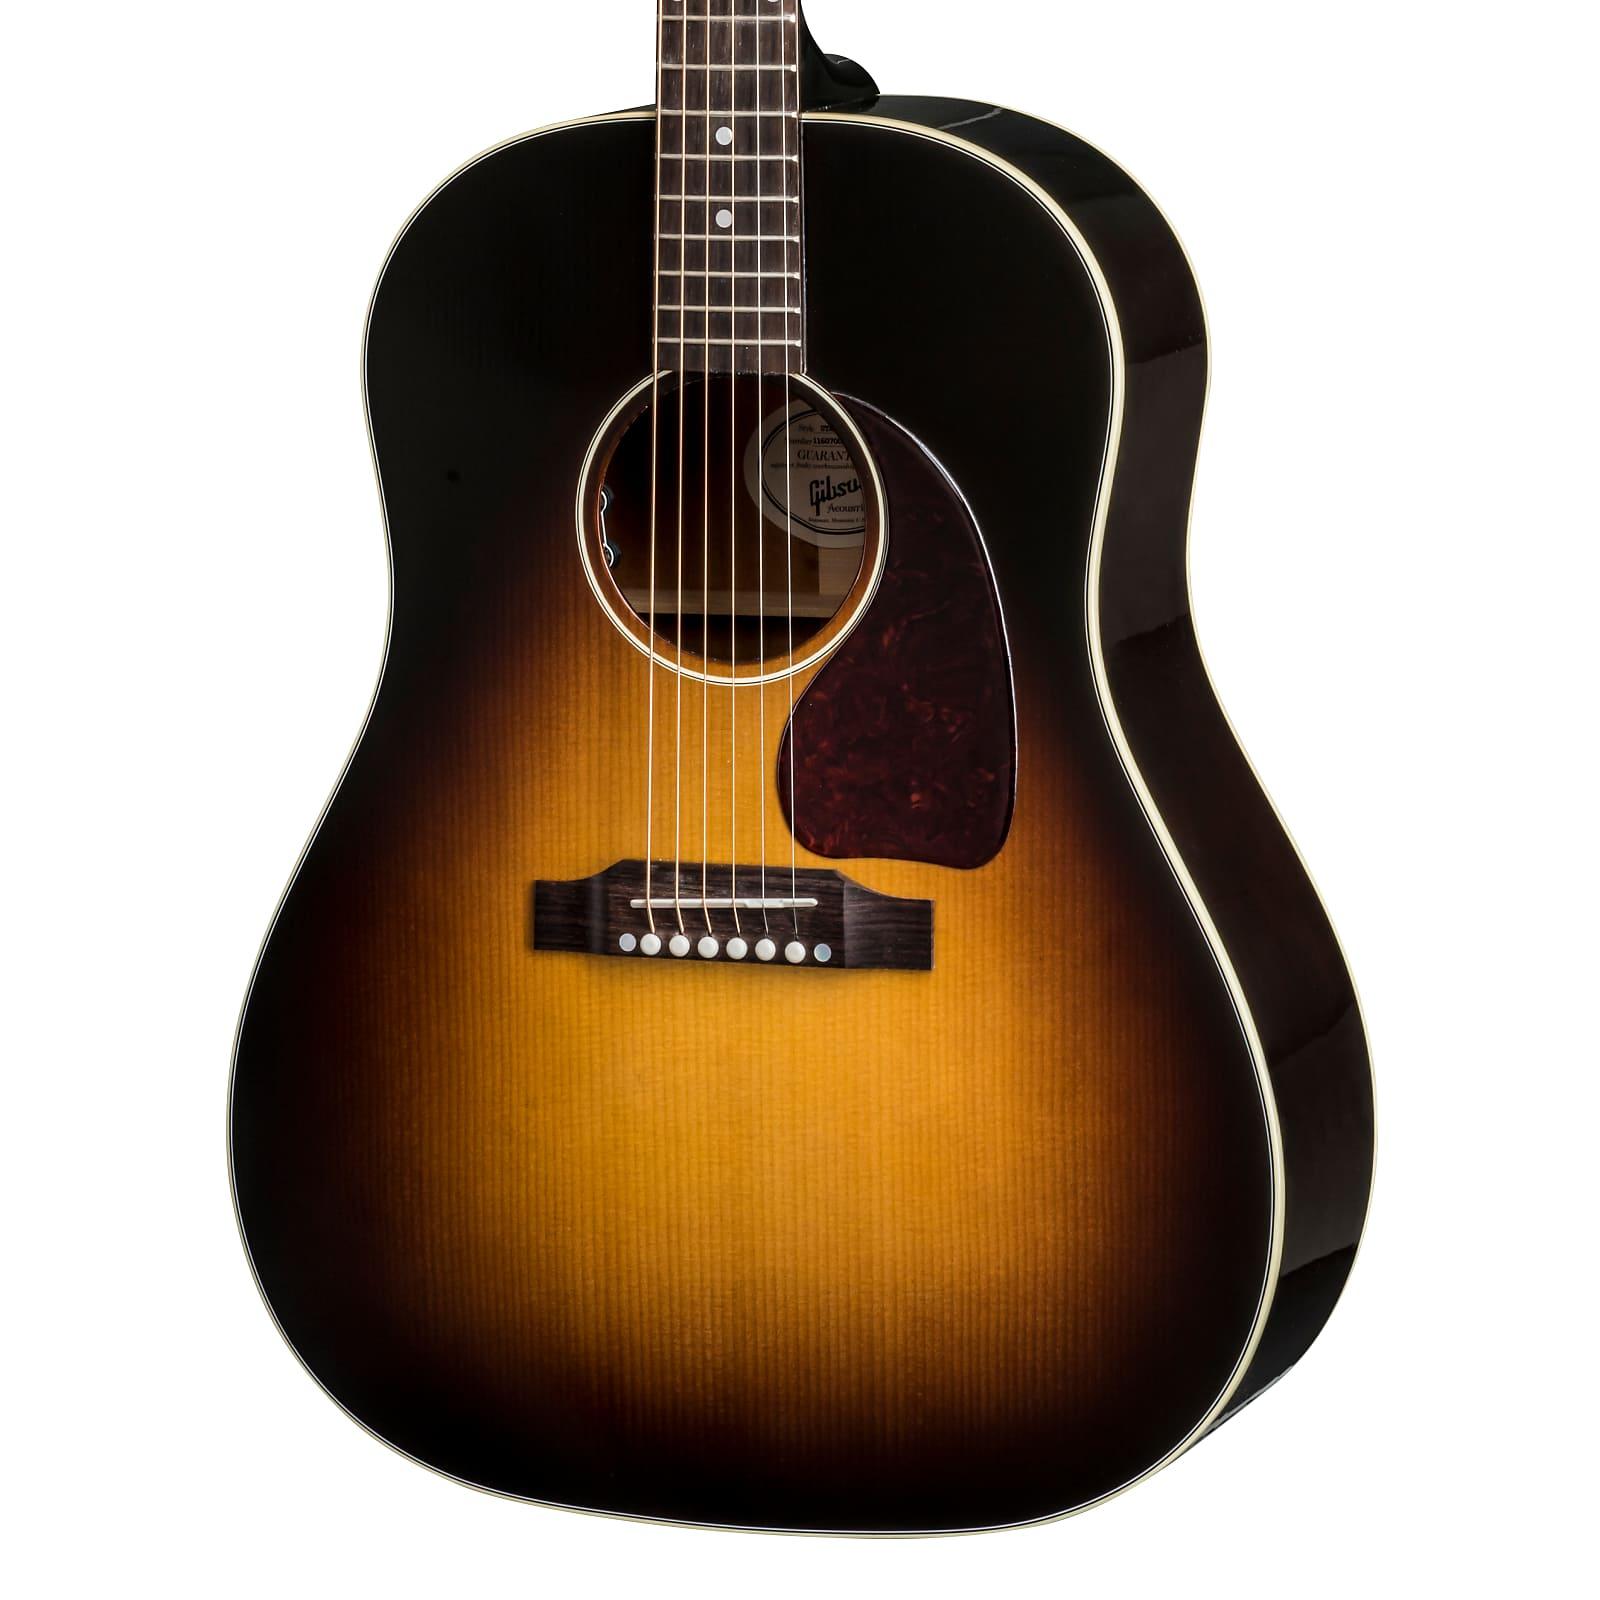 0de42abd523 Gibson J-45 Standard 2018 Acoustic-Electric Guitar (with Case), Vintage  Sunburst, Blemished